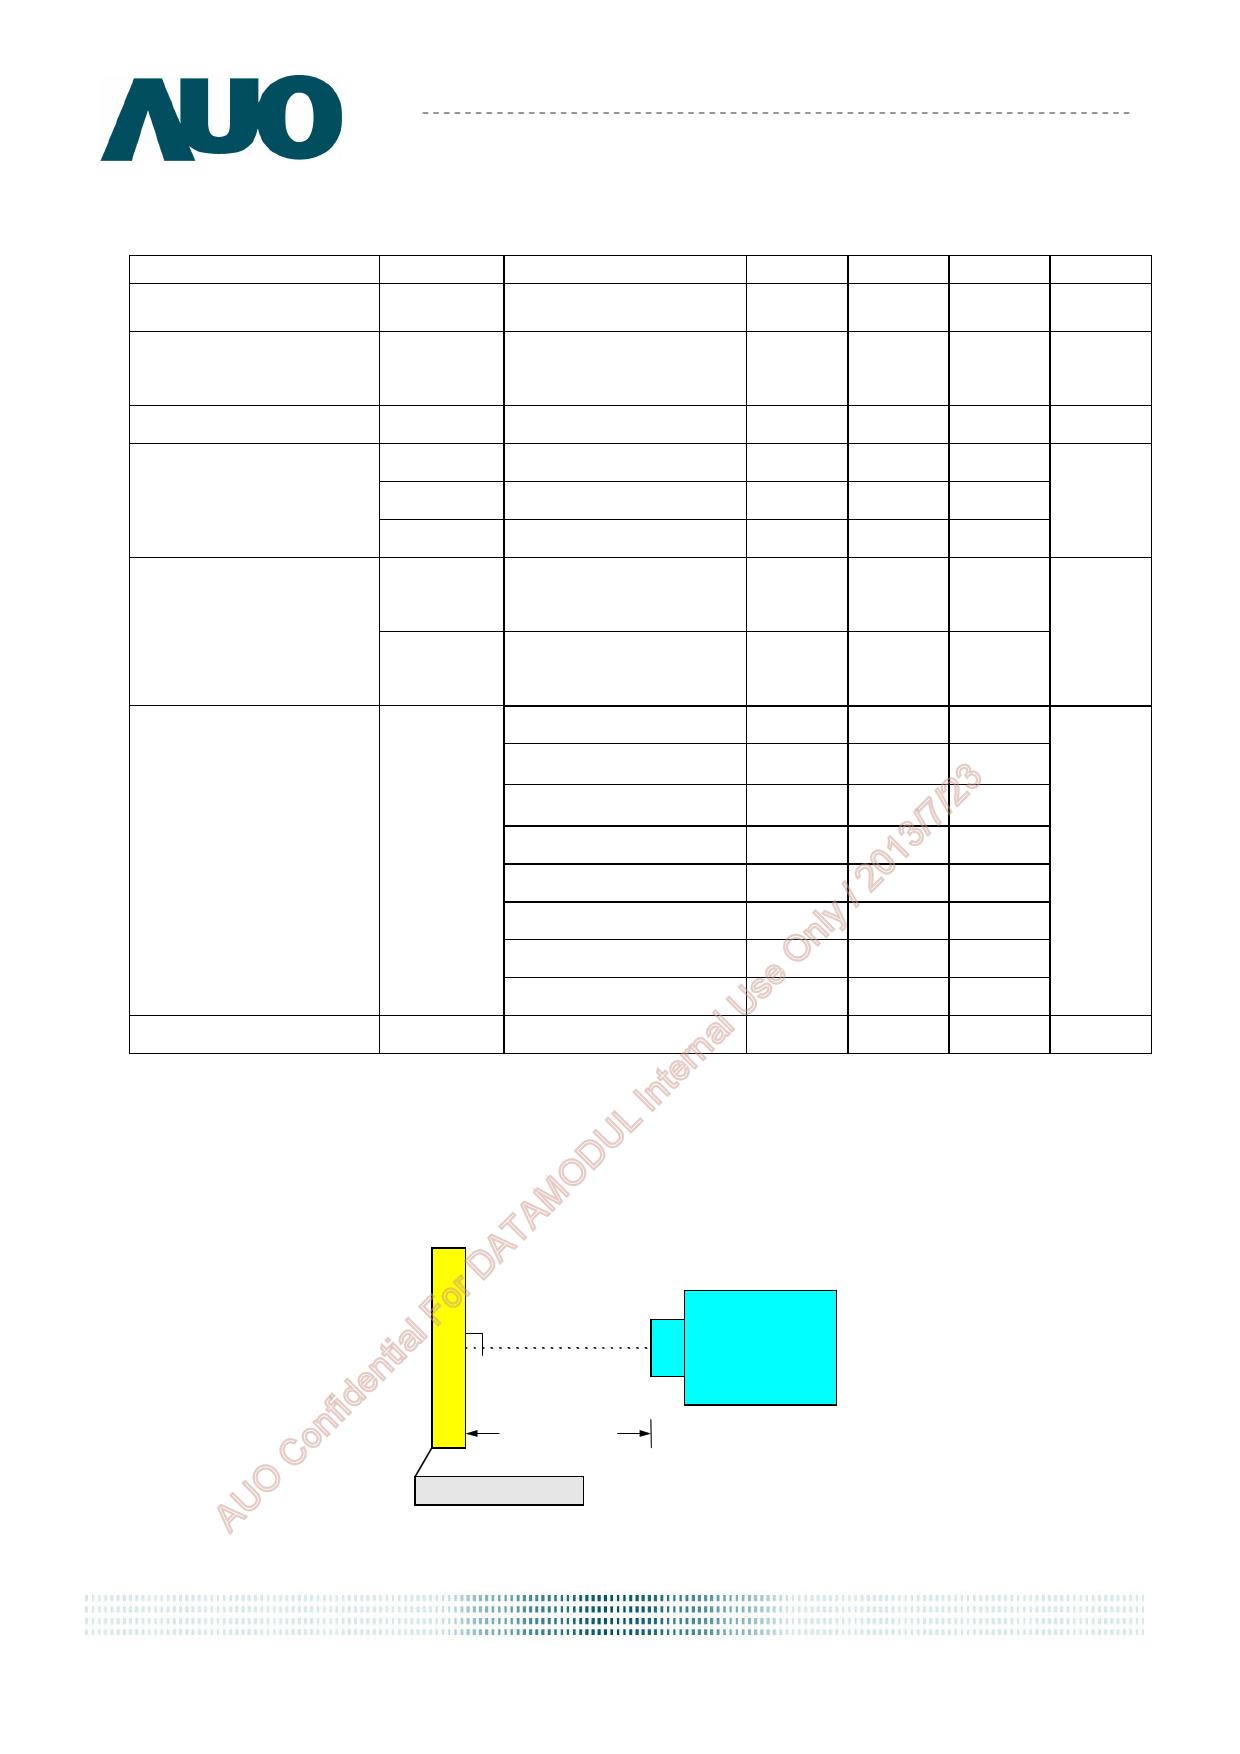 G057QN01-V2 電子部品, 半導体